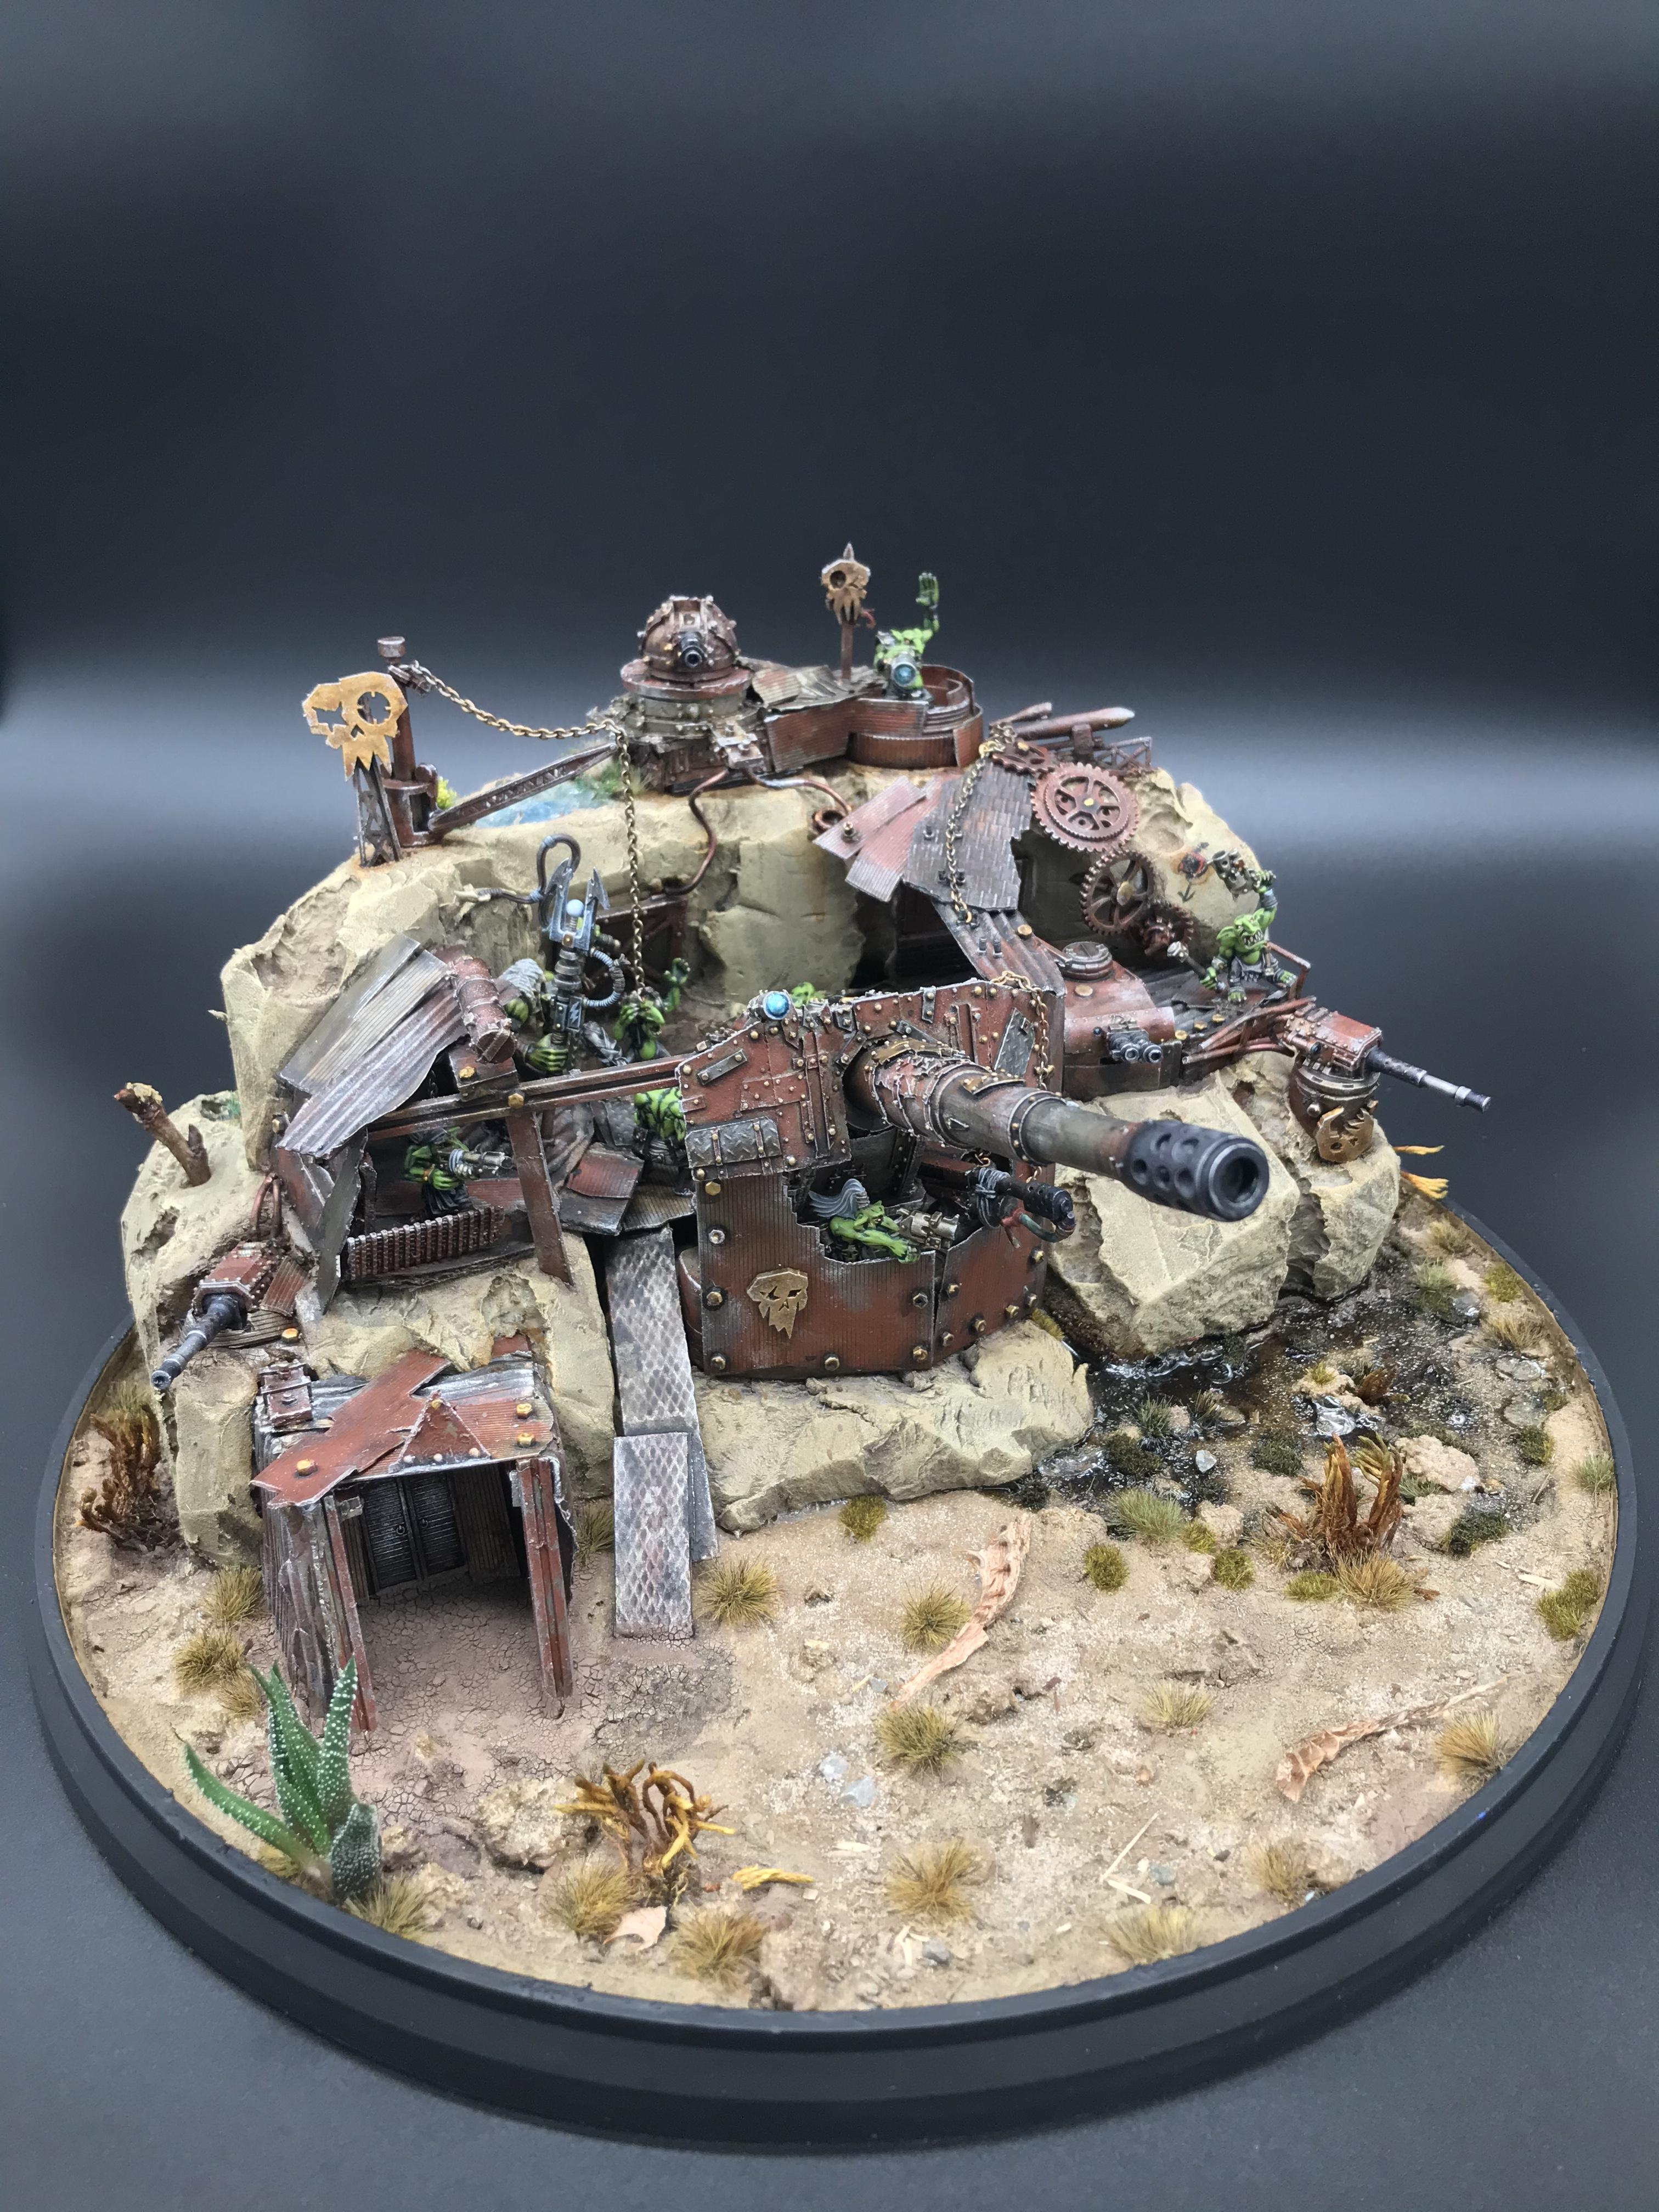 Artillerie, Artillery, Death Korps of Krieg, Diorama, Orks, Scratch Build, Szenerie, Terrain, Warhammer 40,000